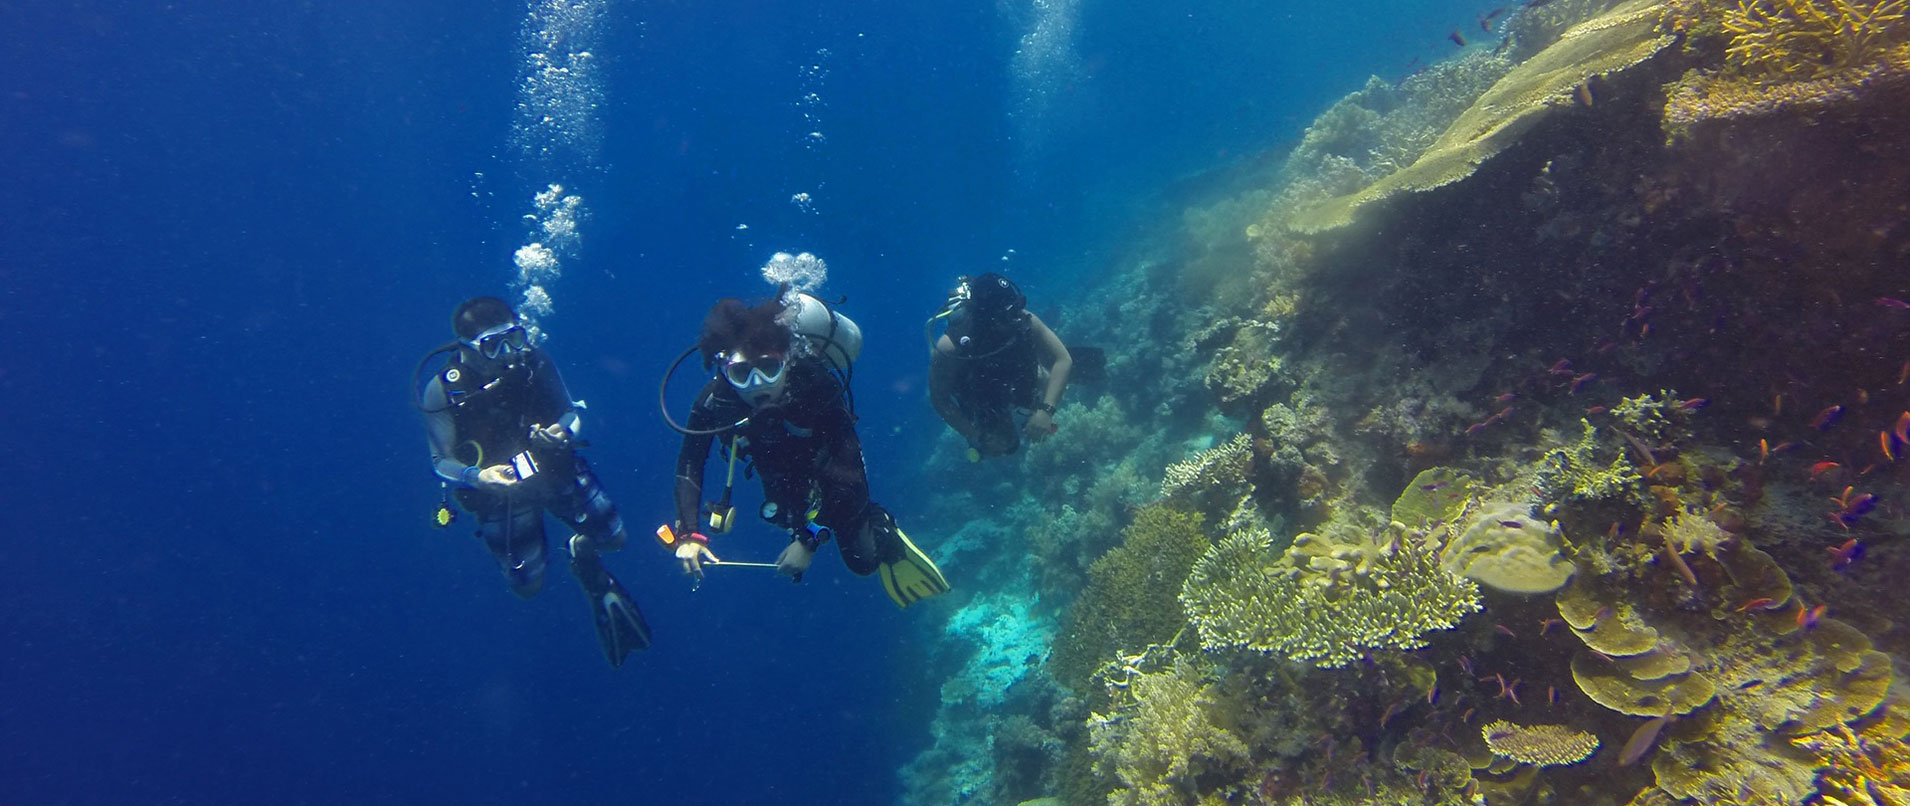 marine conservation thailand